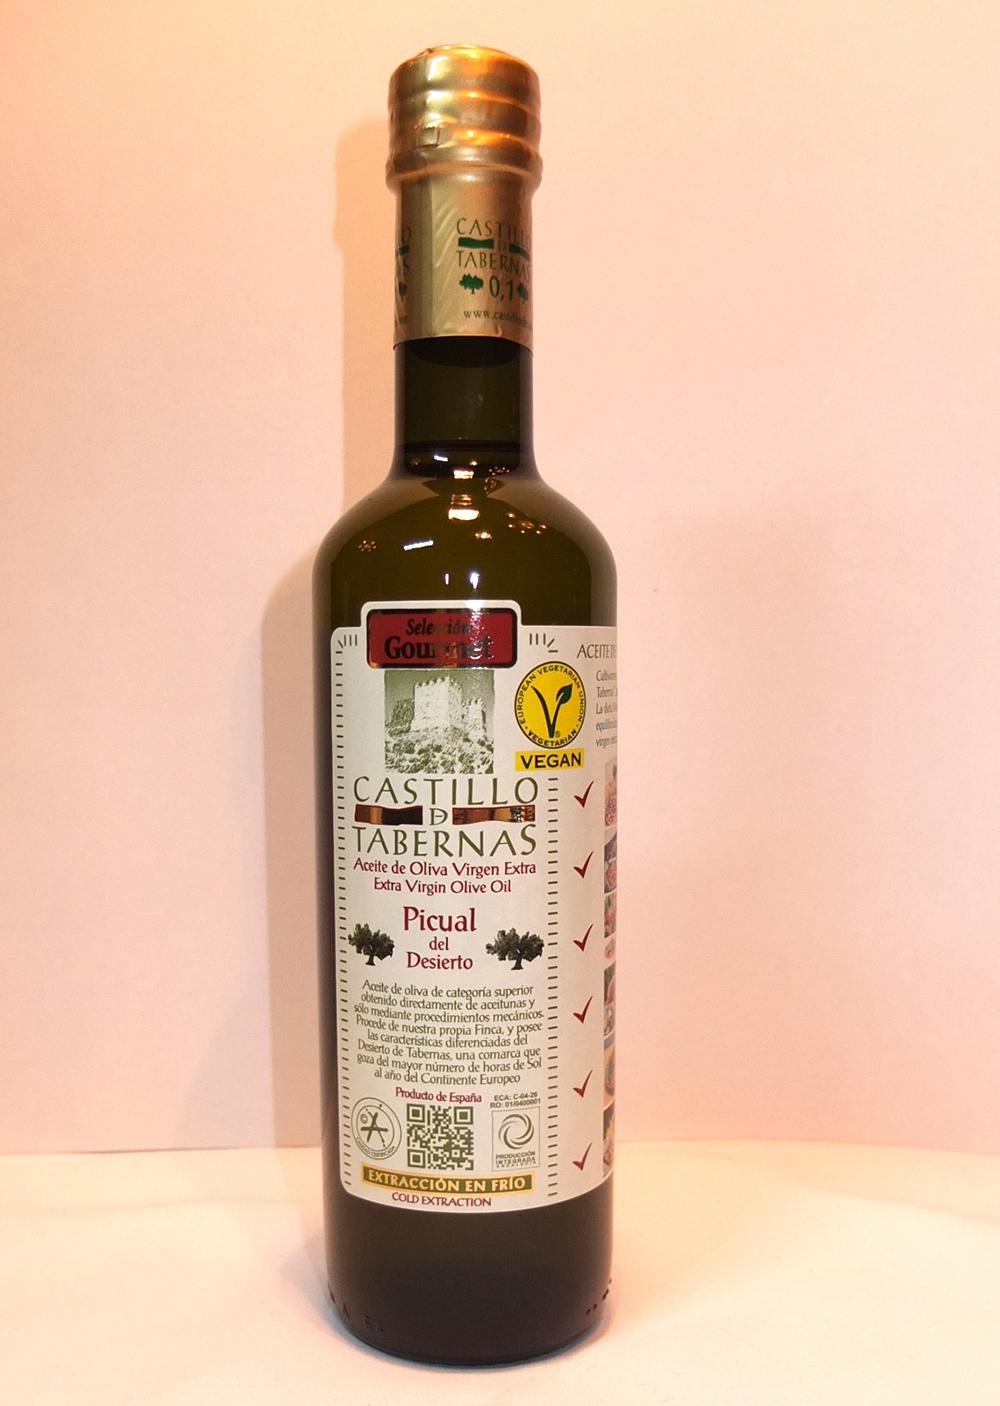 カスティージョ・デ・タベルナス0.1 ピクアル 500ml 酸度0.1 エクストラバージンオリーブオイル